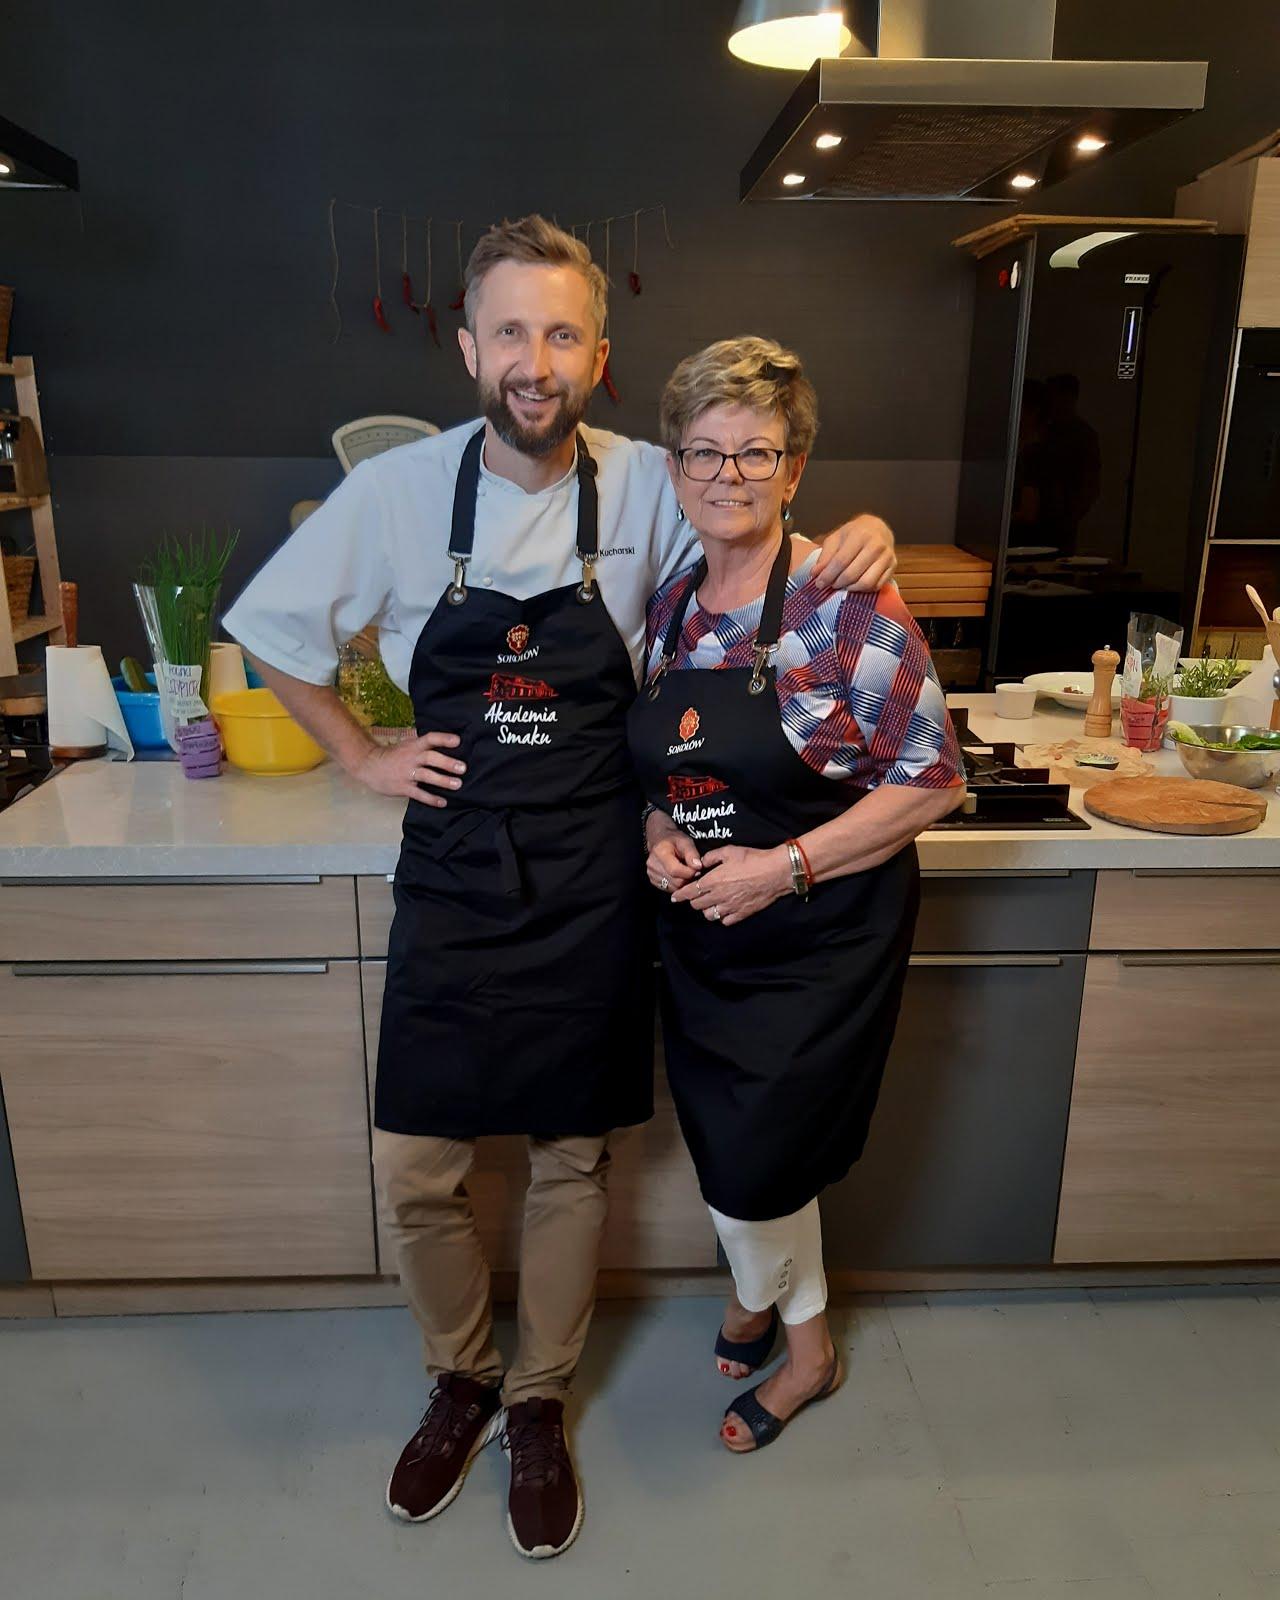 Mój udział w warsztatach kulinarnych Akademii Smaku Sokołów